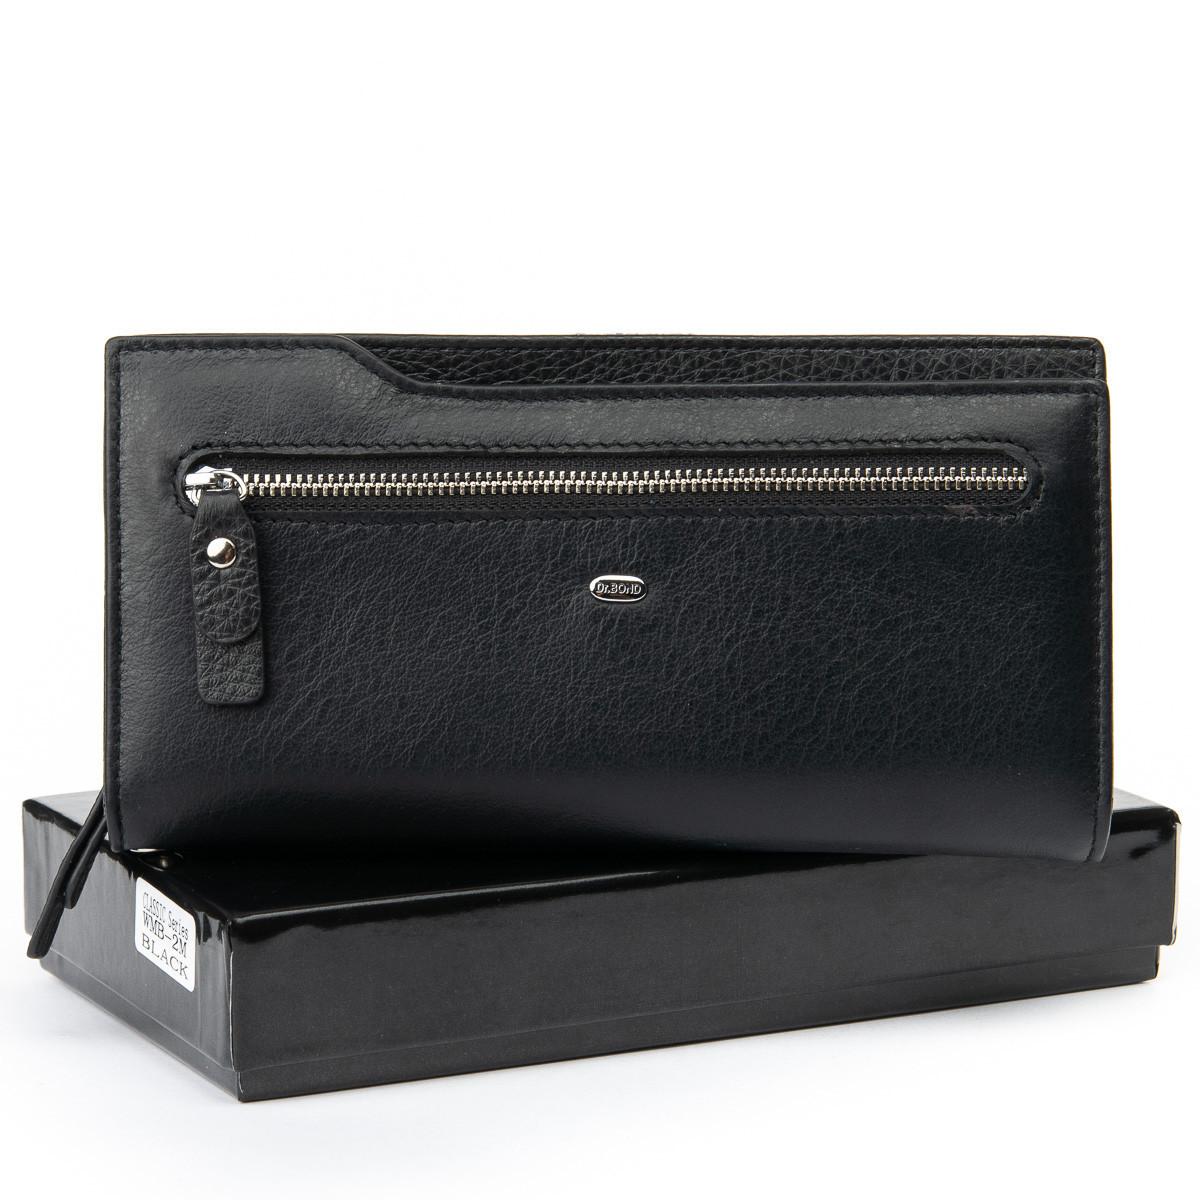 Большой мужской кожаный кошелек DR. BOND черного цвета